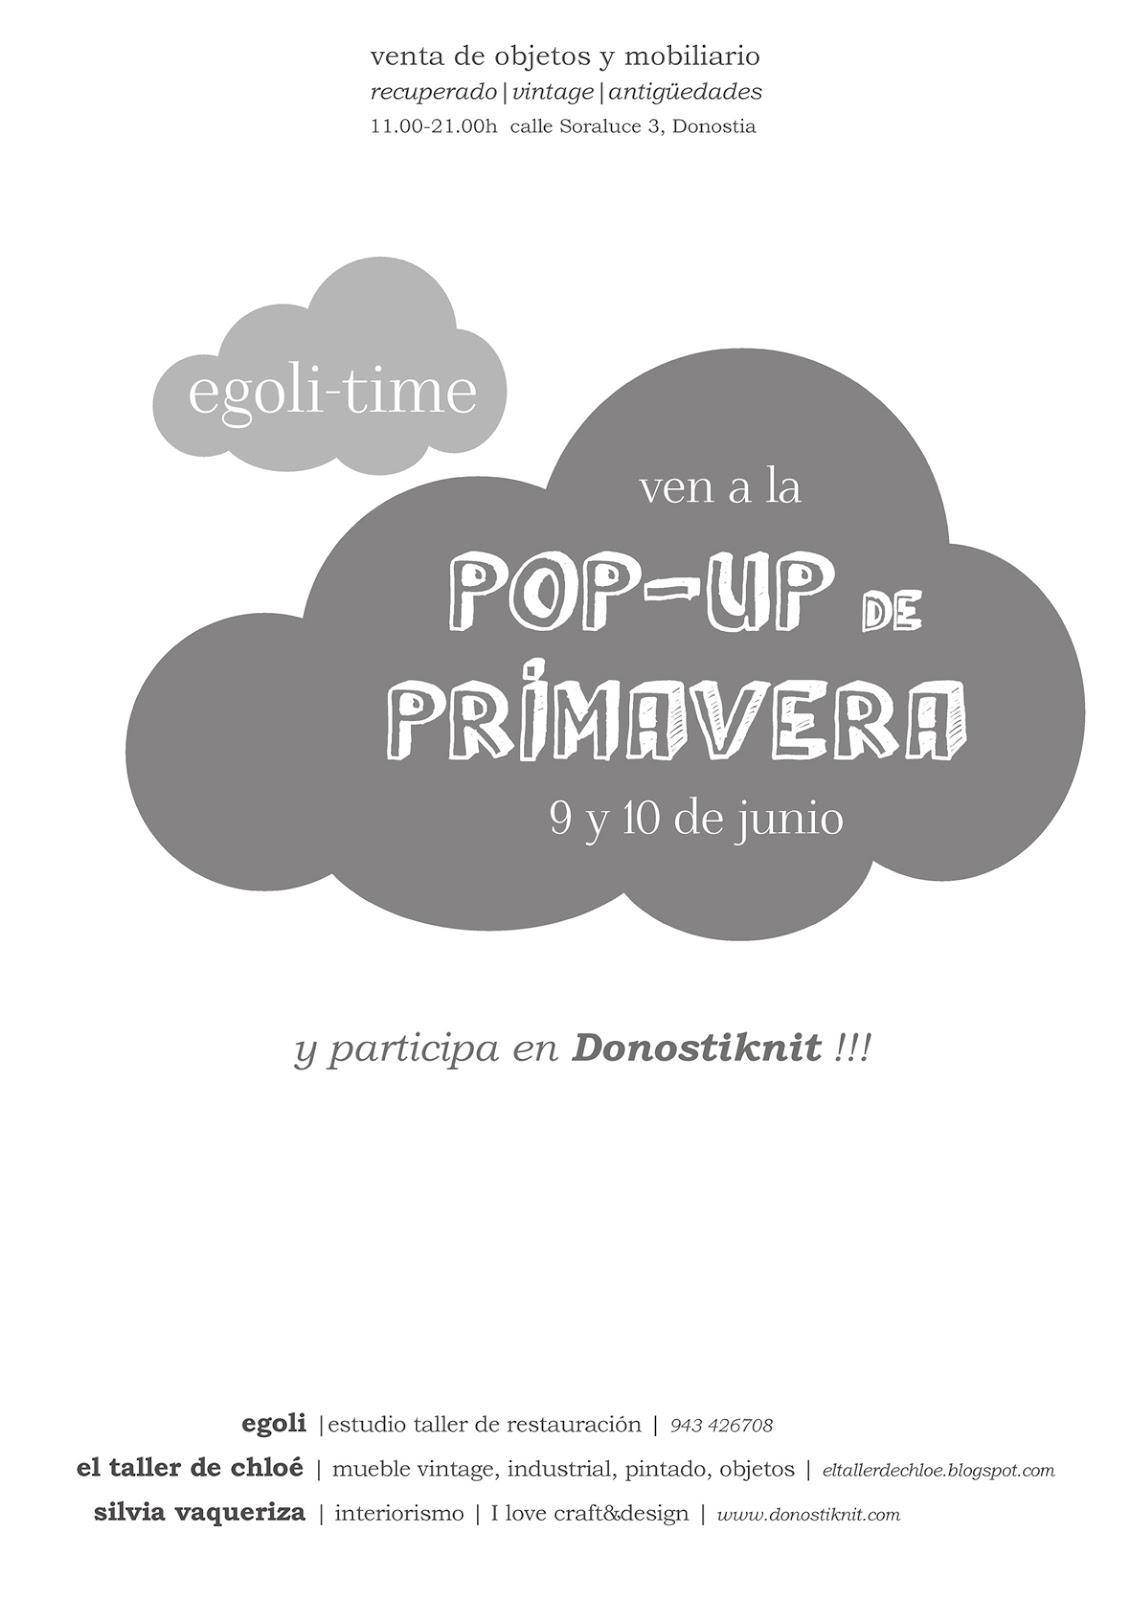 http://1.bp.blogspot.com/-Ml4m8291ScI/T8xUwB1i5TI/AAAAAAAAB5w/JMQwyNVgRqs/s1600/Egoli+Time+Primavera+2012.jpg